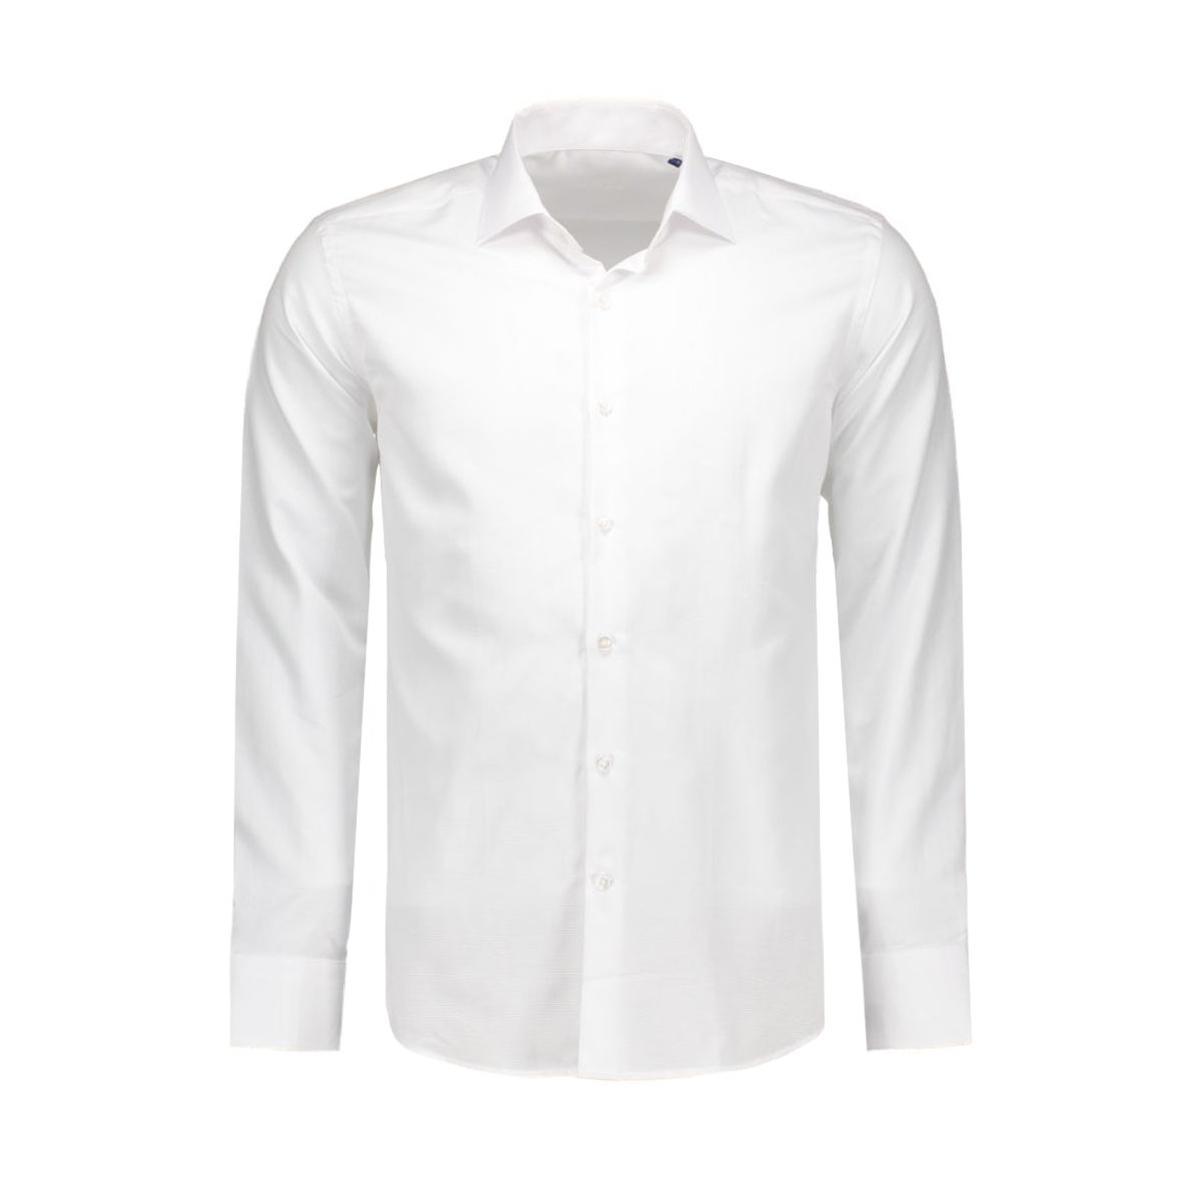 4467 carter & davis overhemd 249